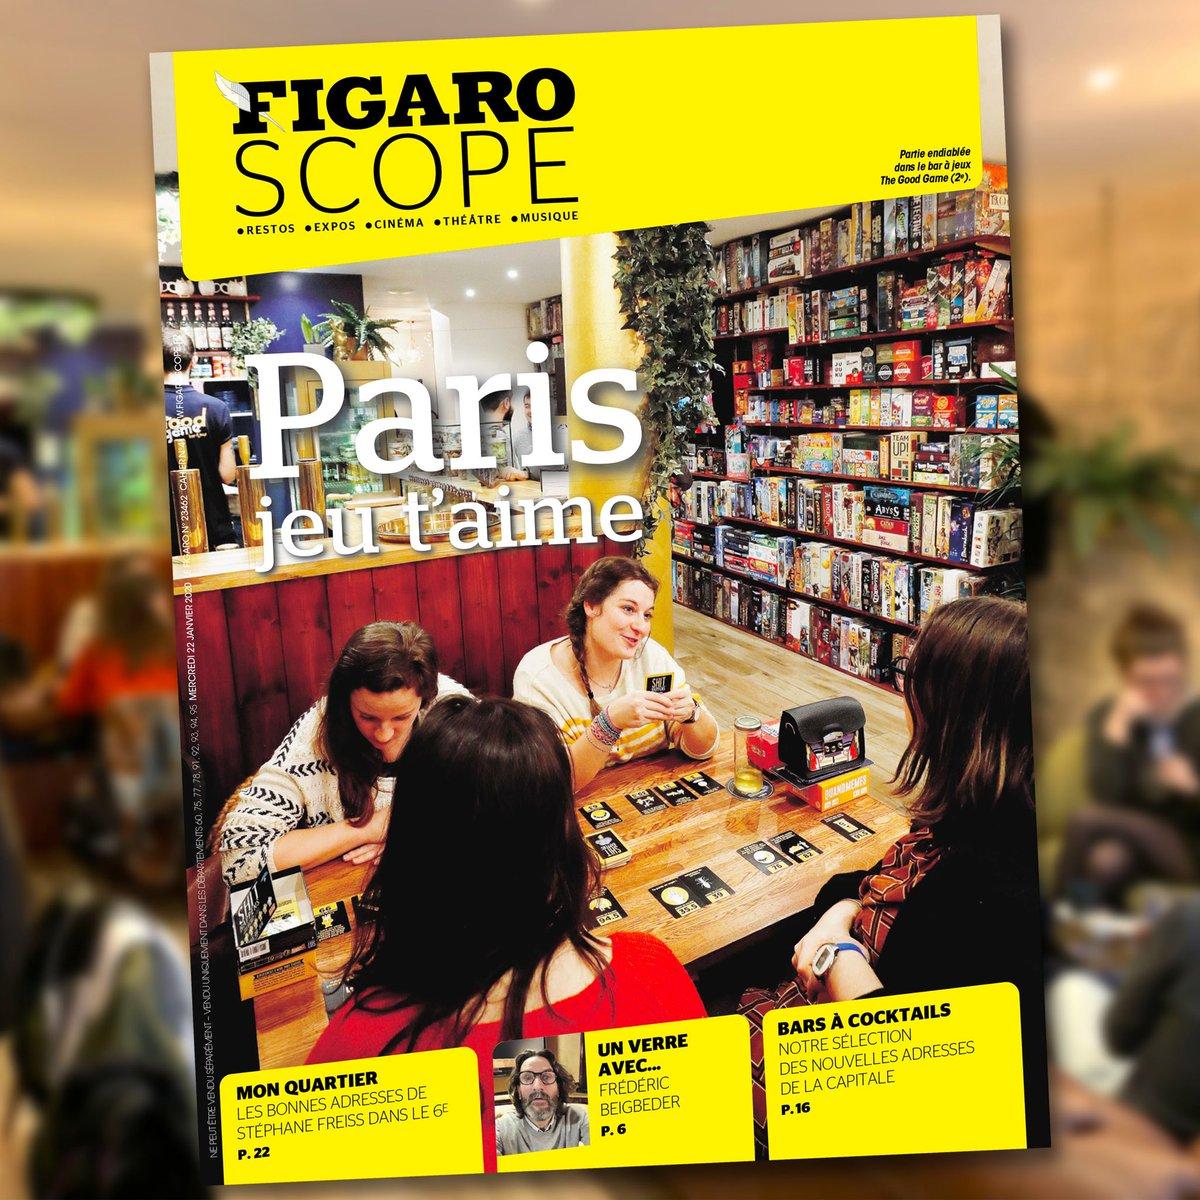 """Retrouvez The Good Game bar à jeux, en UNE du @Figaroscope aujourd'hui, au coeur d'un grand dossier spécial """"jeux de société"""" ♟!  #Figaro #Figaroscope #GoodGameParis #Bar #JeuxDeSociete #J2S #BoardGames #BaraJeux #timeoutparis #sortiraparis #Parispic.twitter.com/wQC1LcDoGG"""